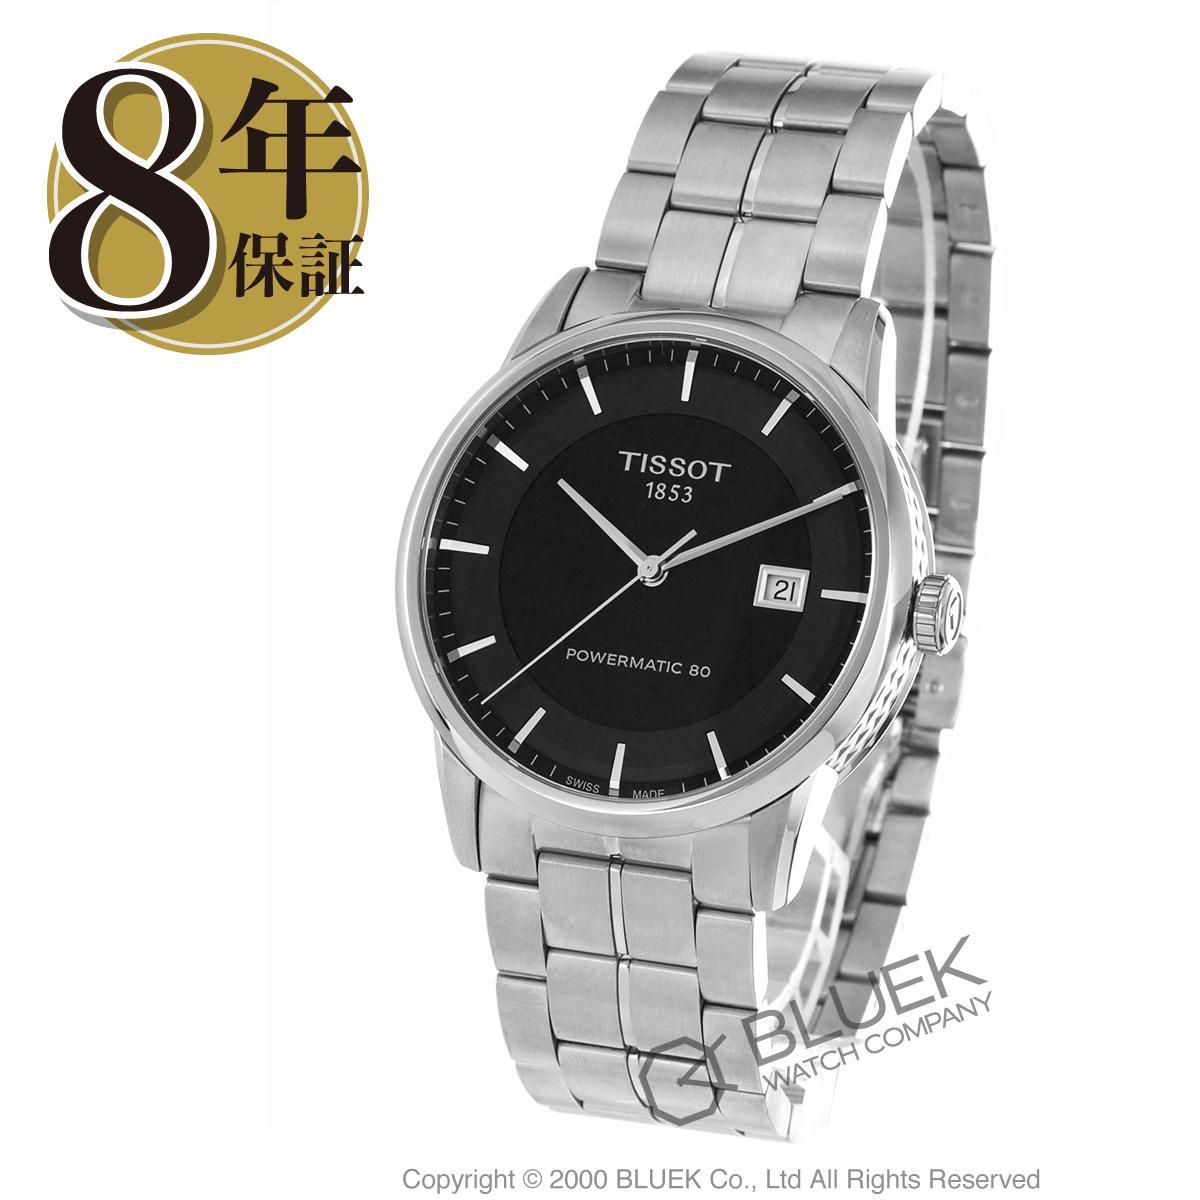 ティソ T-クラシック ラグジュアリー 腕時計 メンズ TISSOT T086.407.11.051.00_8 バーゲン 成人祝い ギフト プレゼント